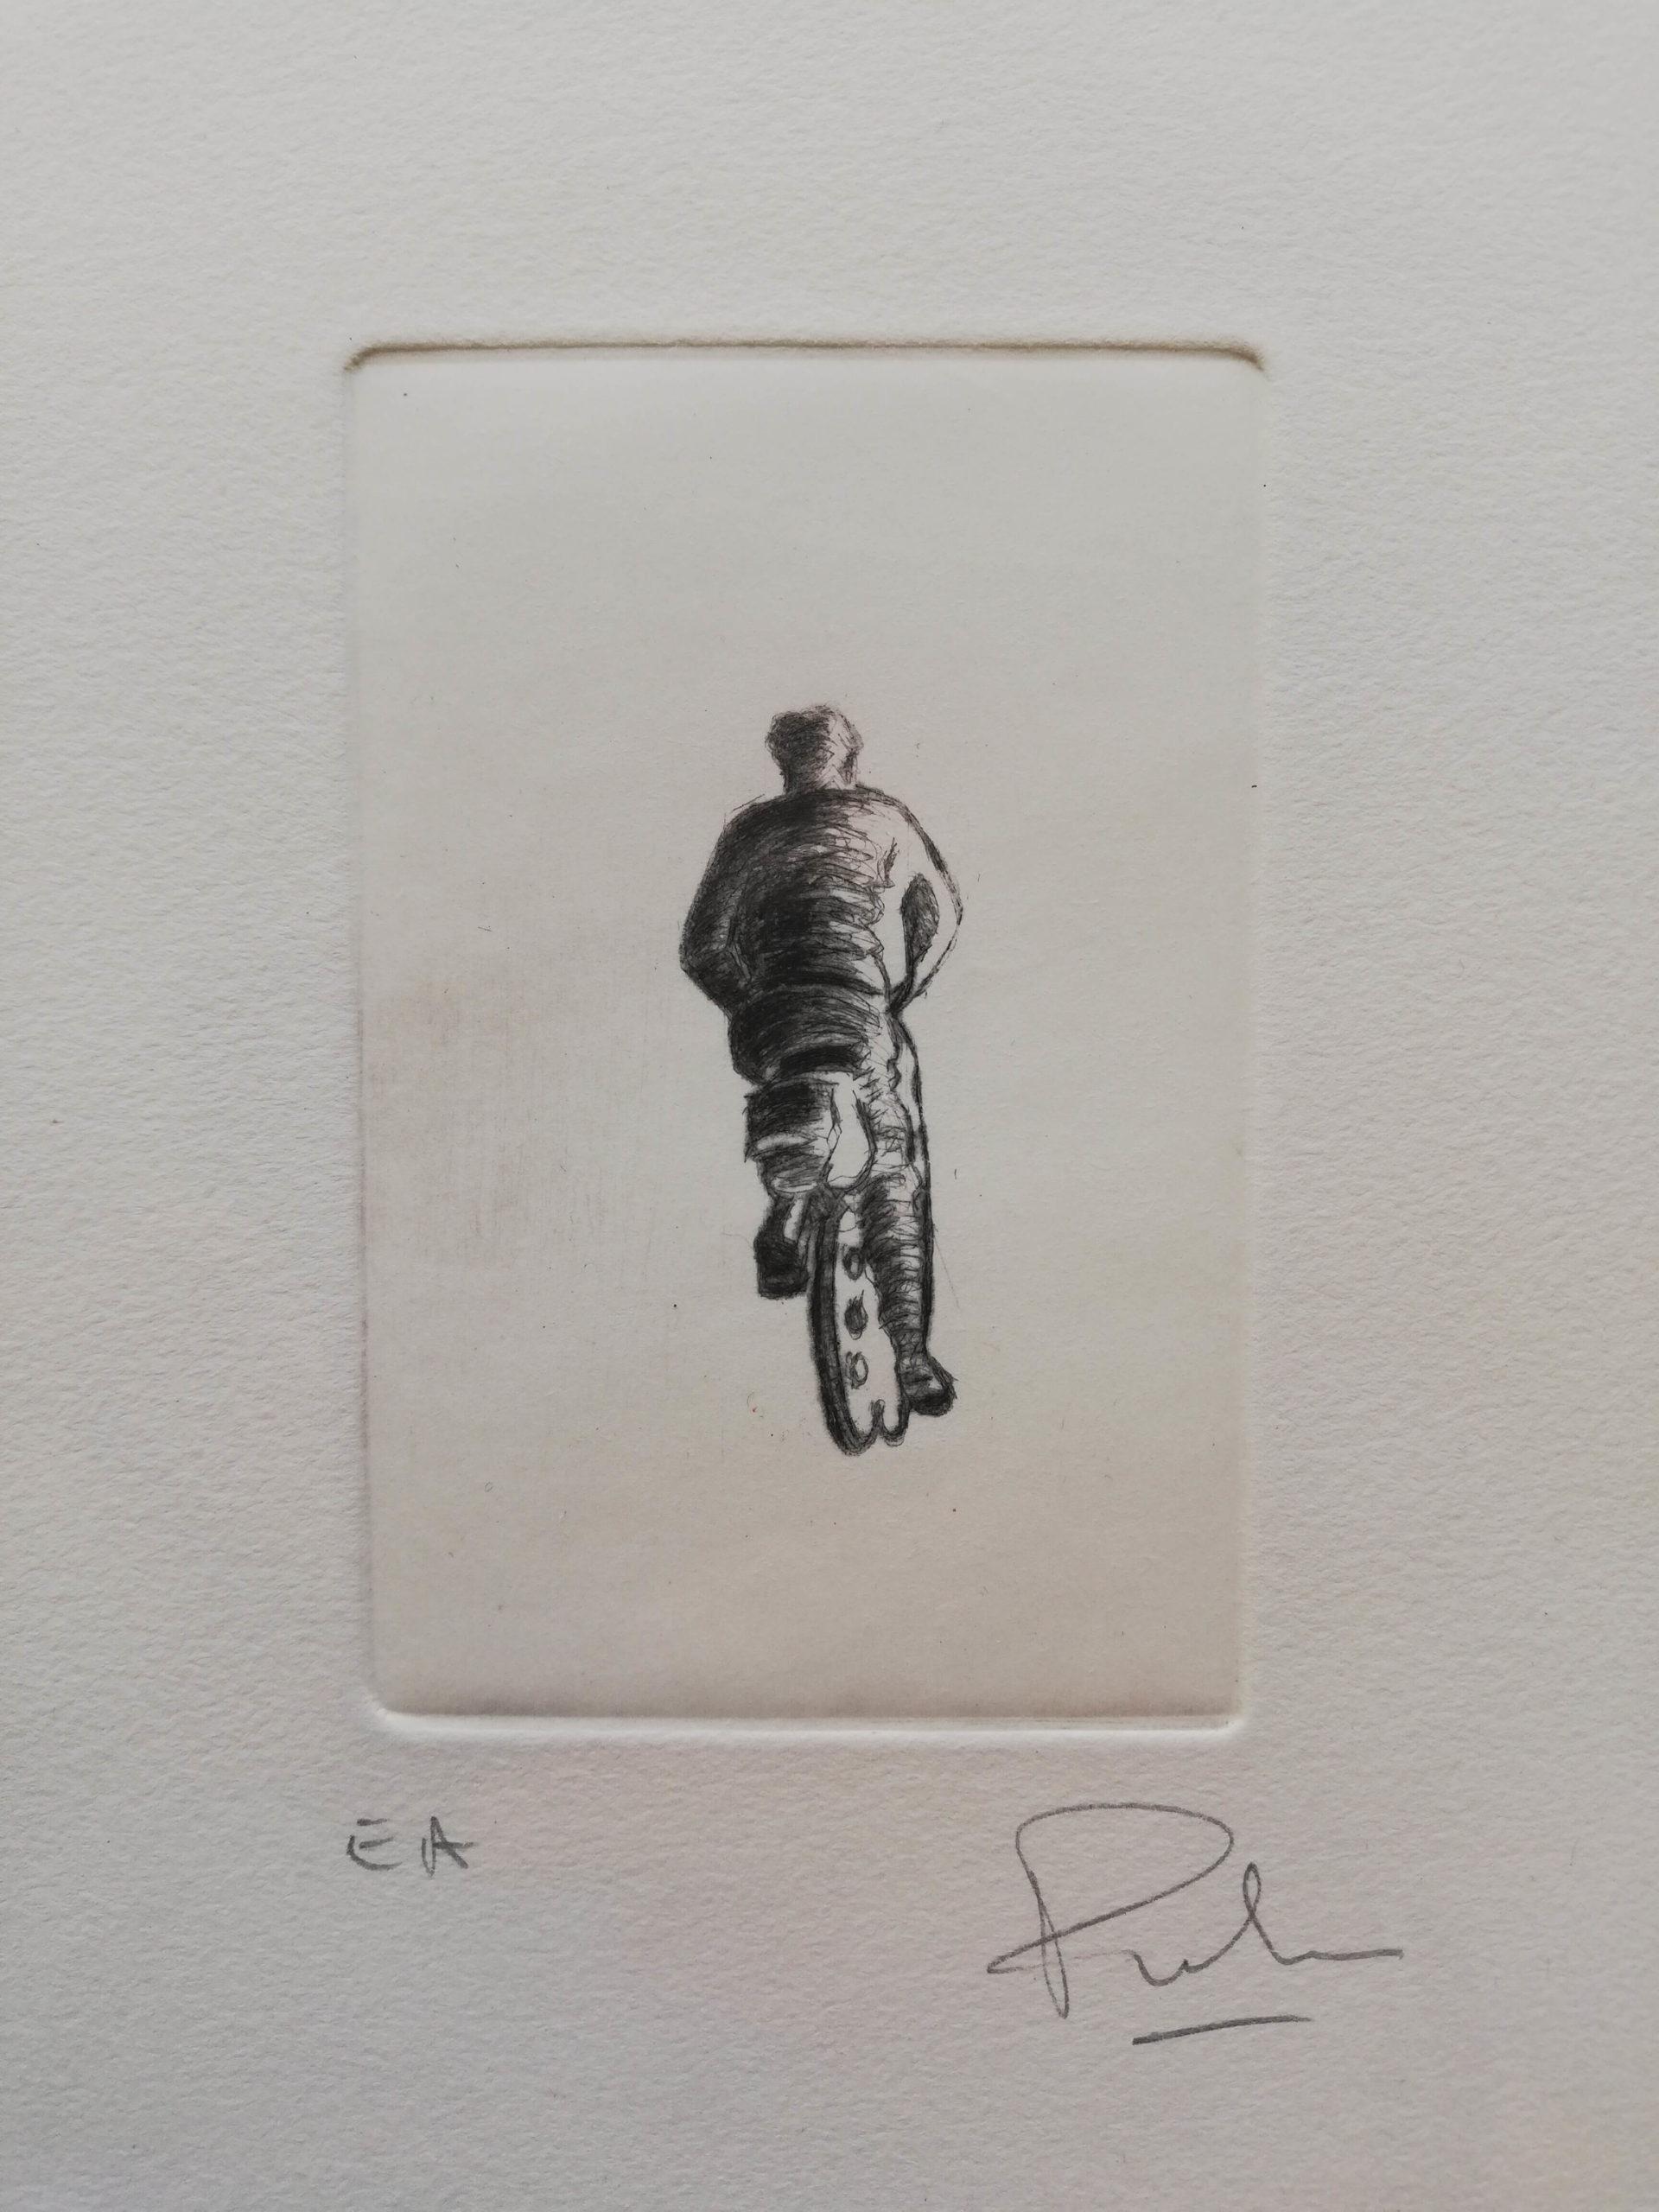 Le cycliste noir engrave by Michel Puharré 2010